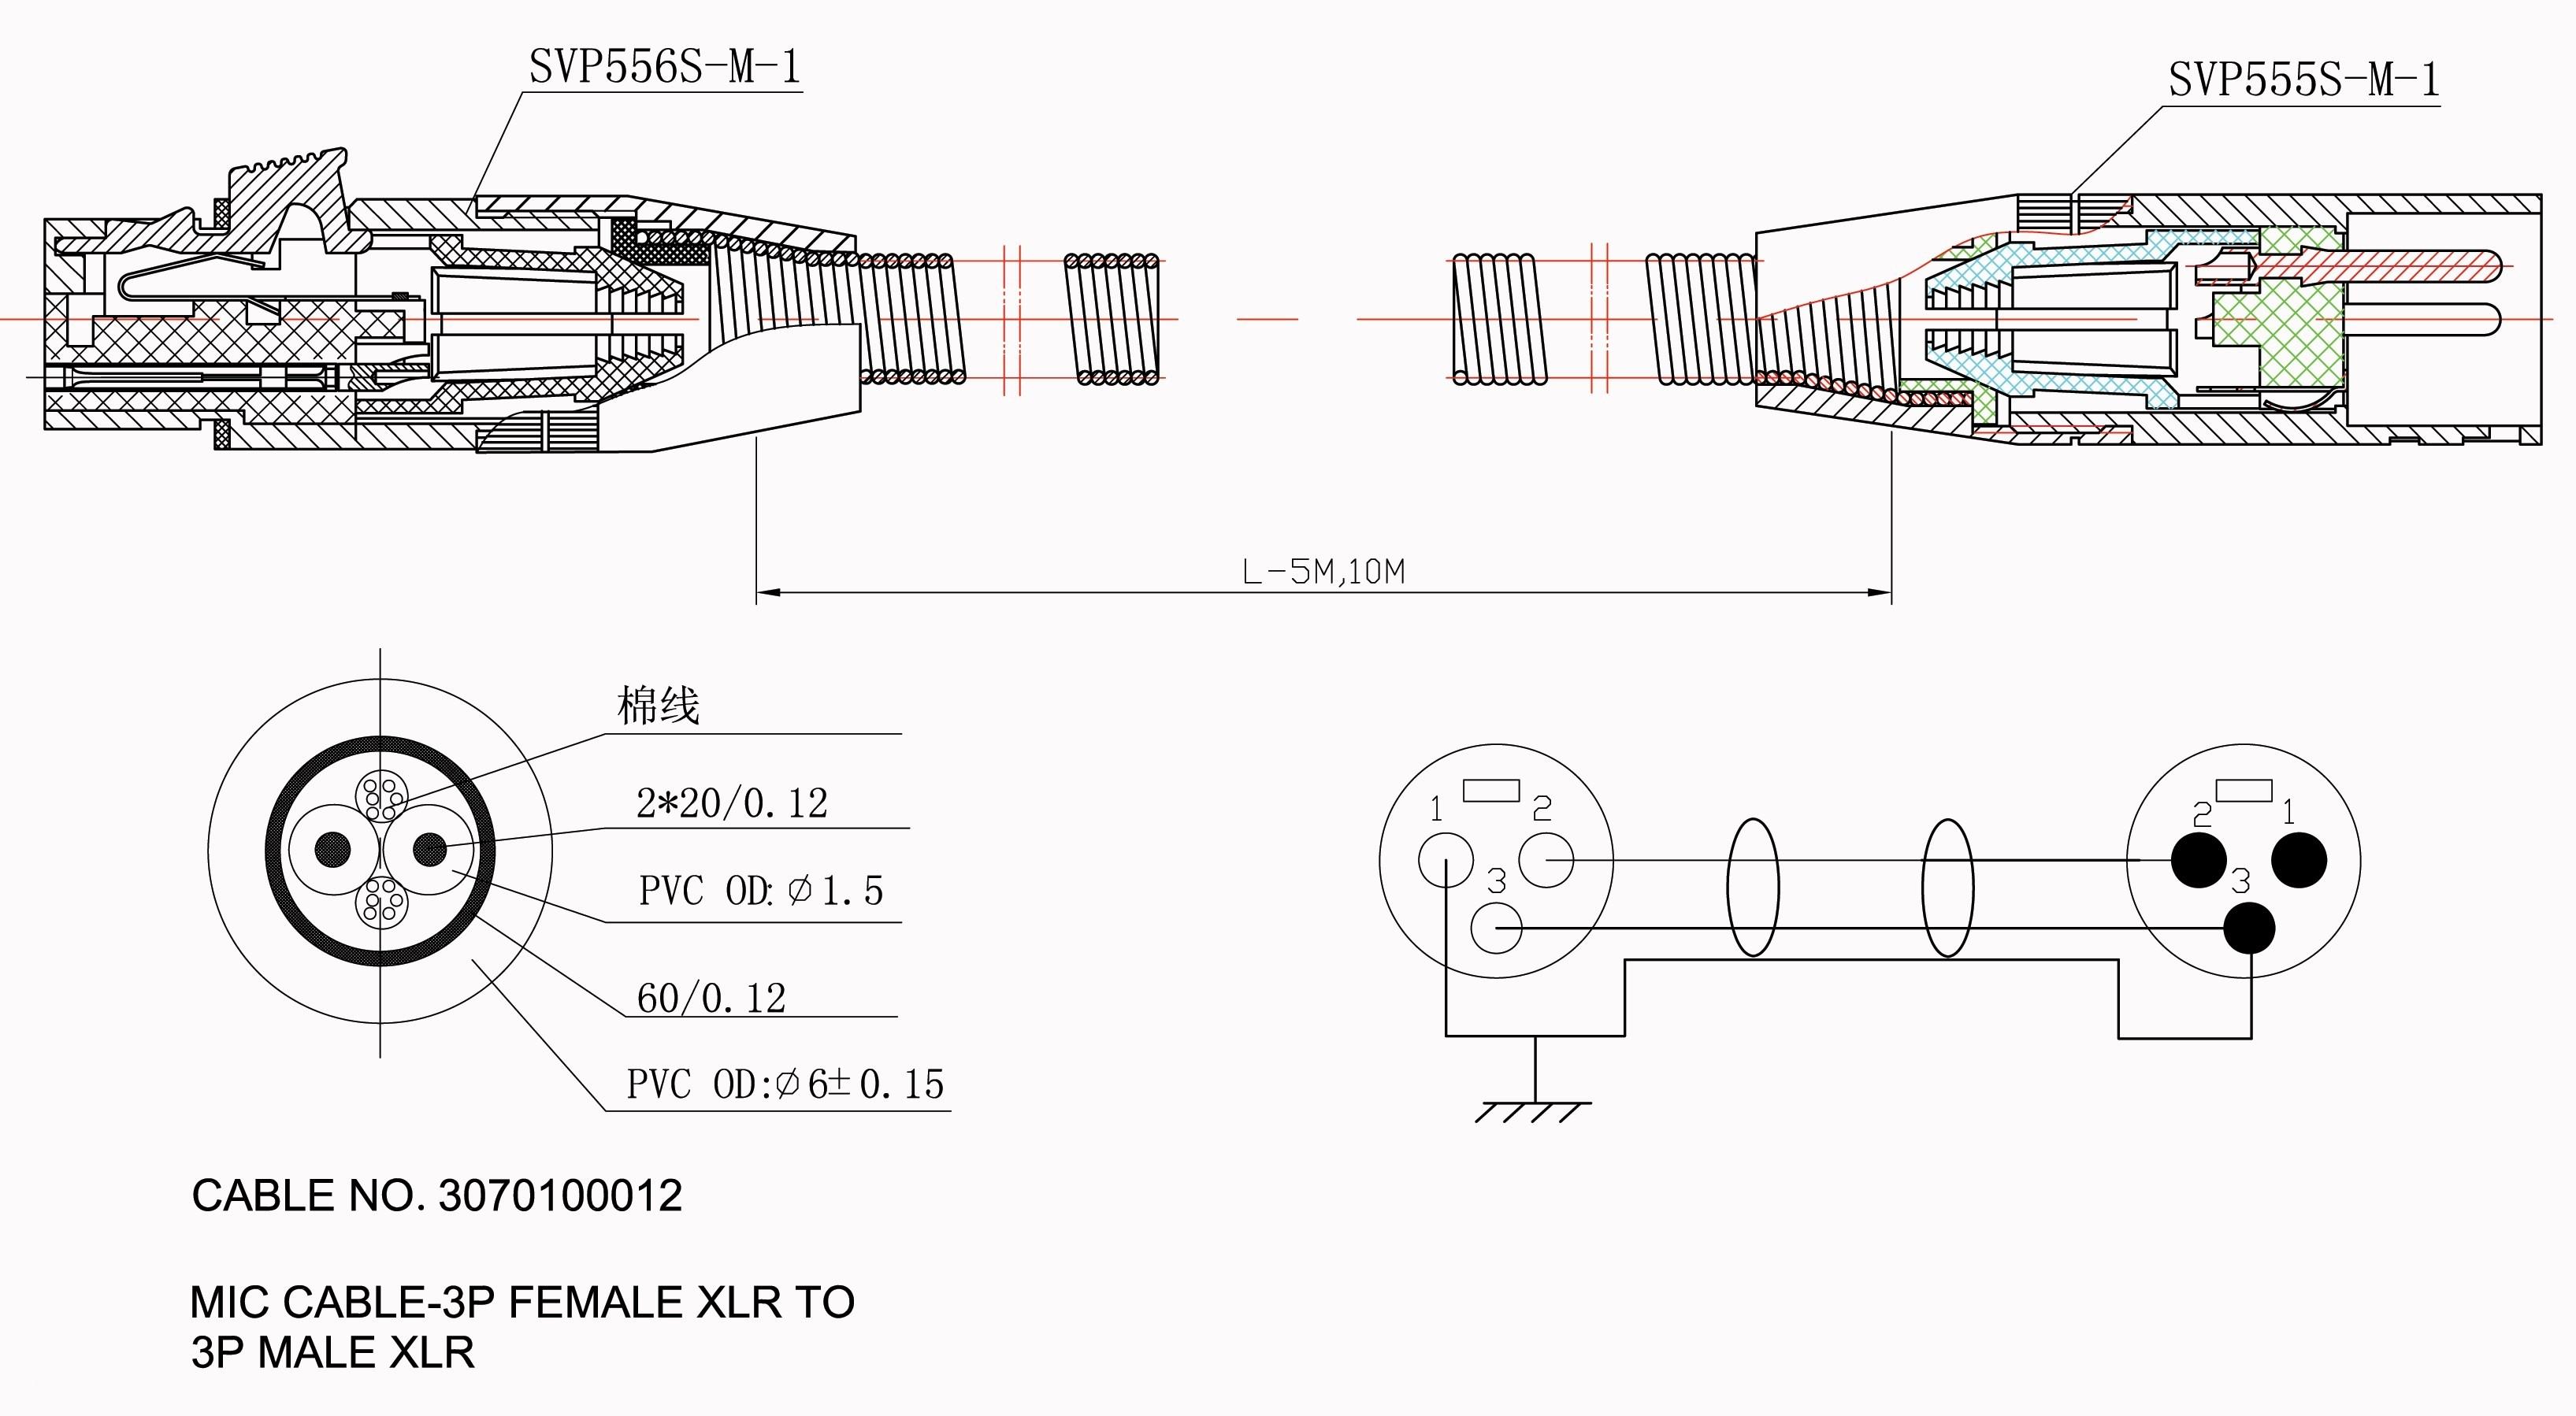 rca to rj45 wiring diagram Collection-rca to rj45 wiring diagram Collection Rj45 Wire Diagram Best Rj45 to Rj11 Wiring Diagram DOWNLOAD Wiring Diagram Detail Name rca to rj45 6-p